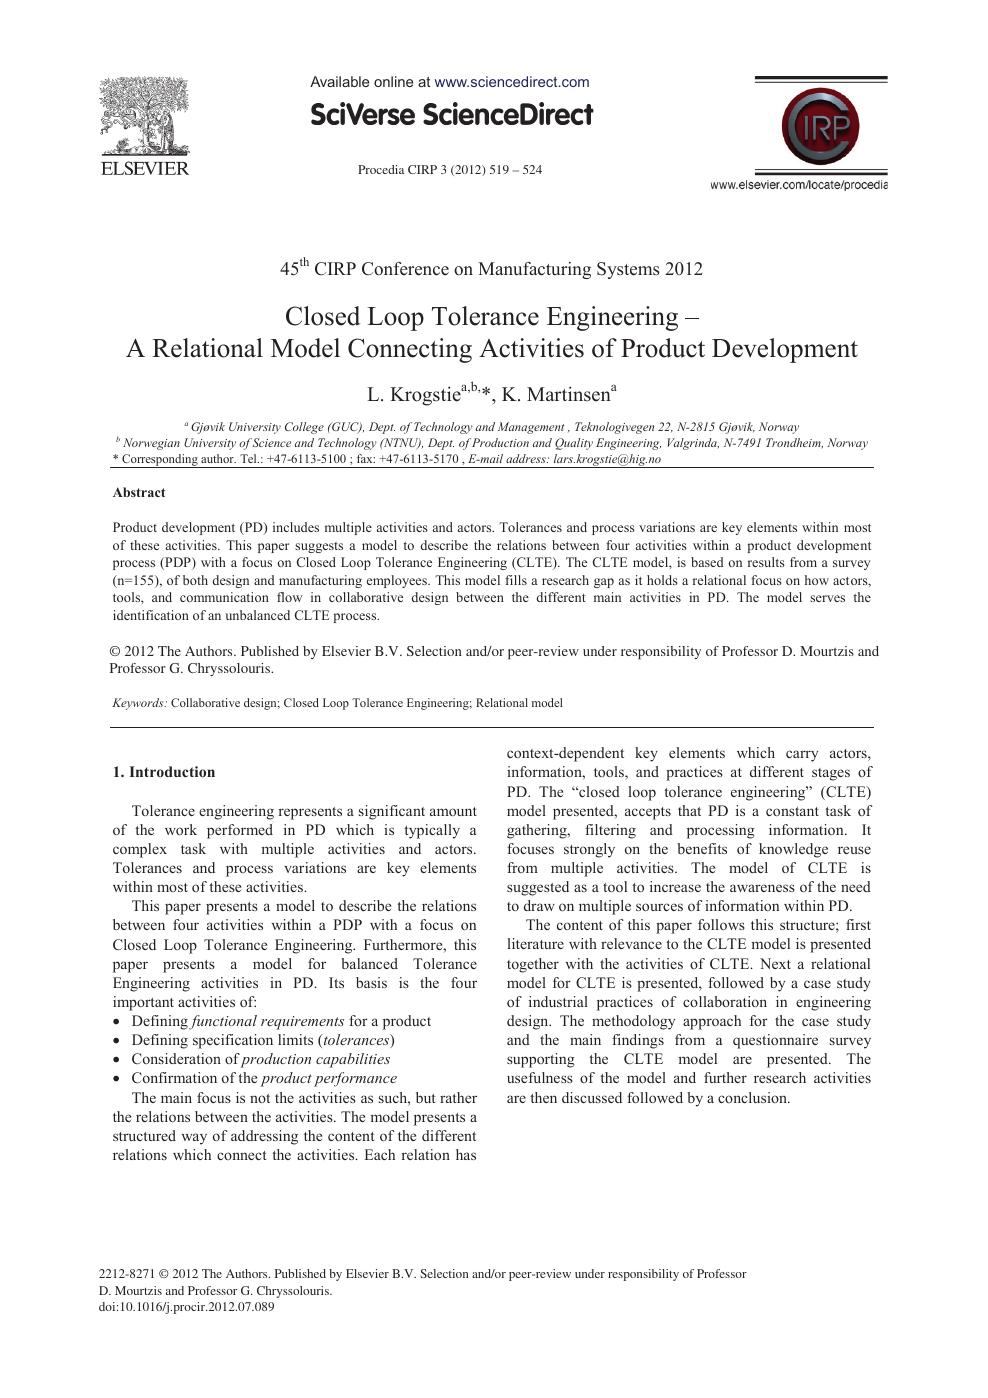 Closed Loop Tolerance Engineering – A Relational Model